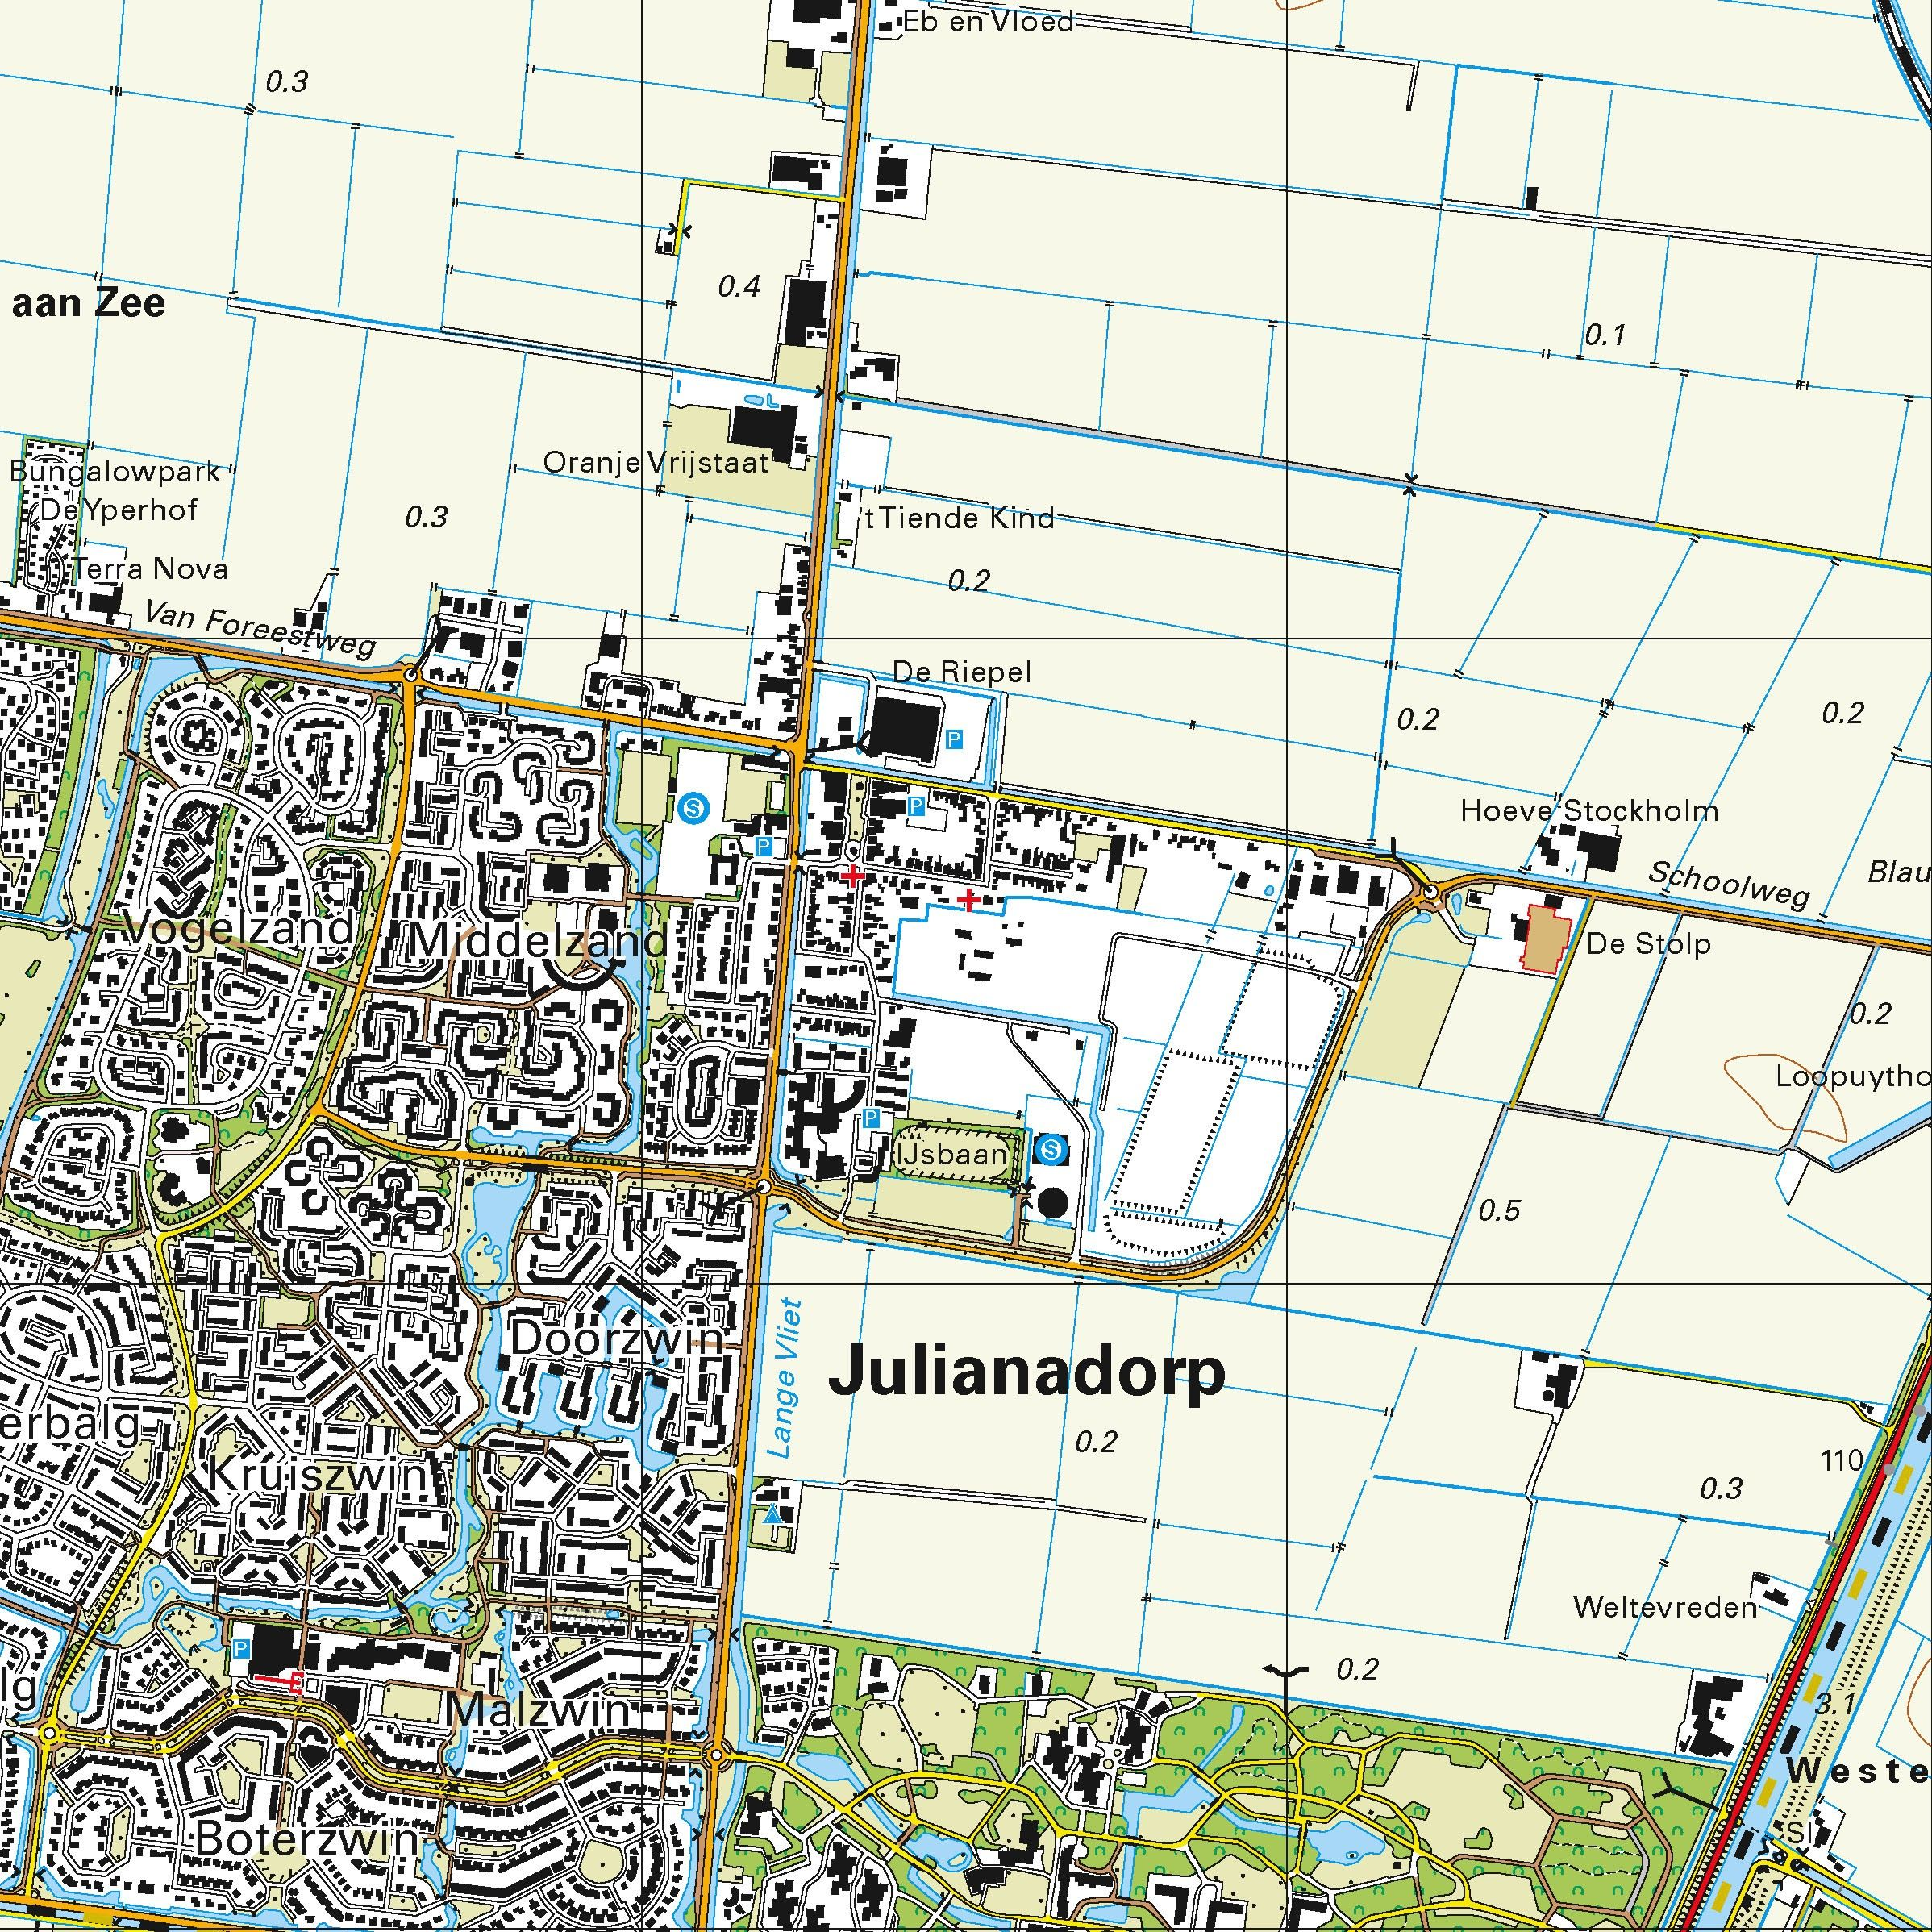 Topografische kaart schaal 1:25.000 (Texel, Den Helder, Julianadorp, Callantsoog, Anna Paulowna)